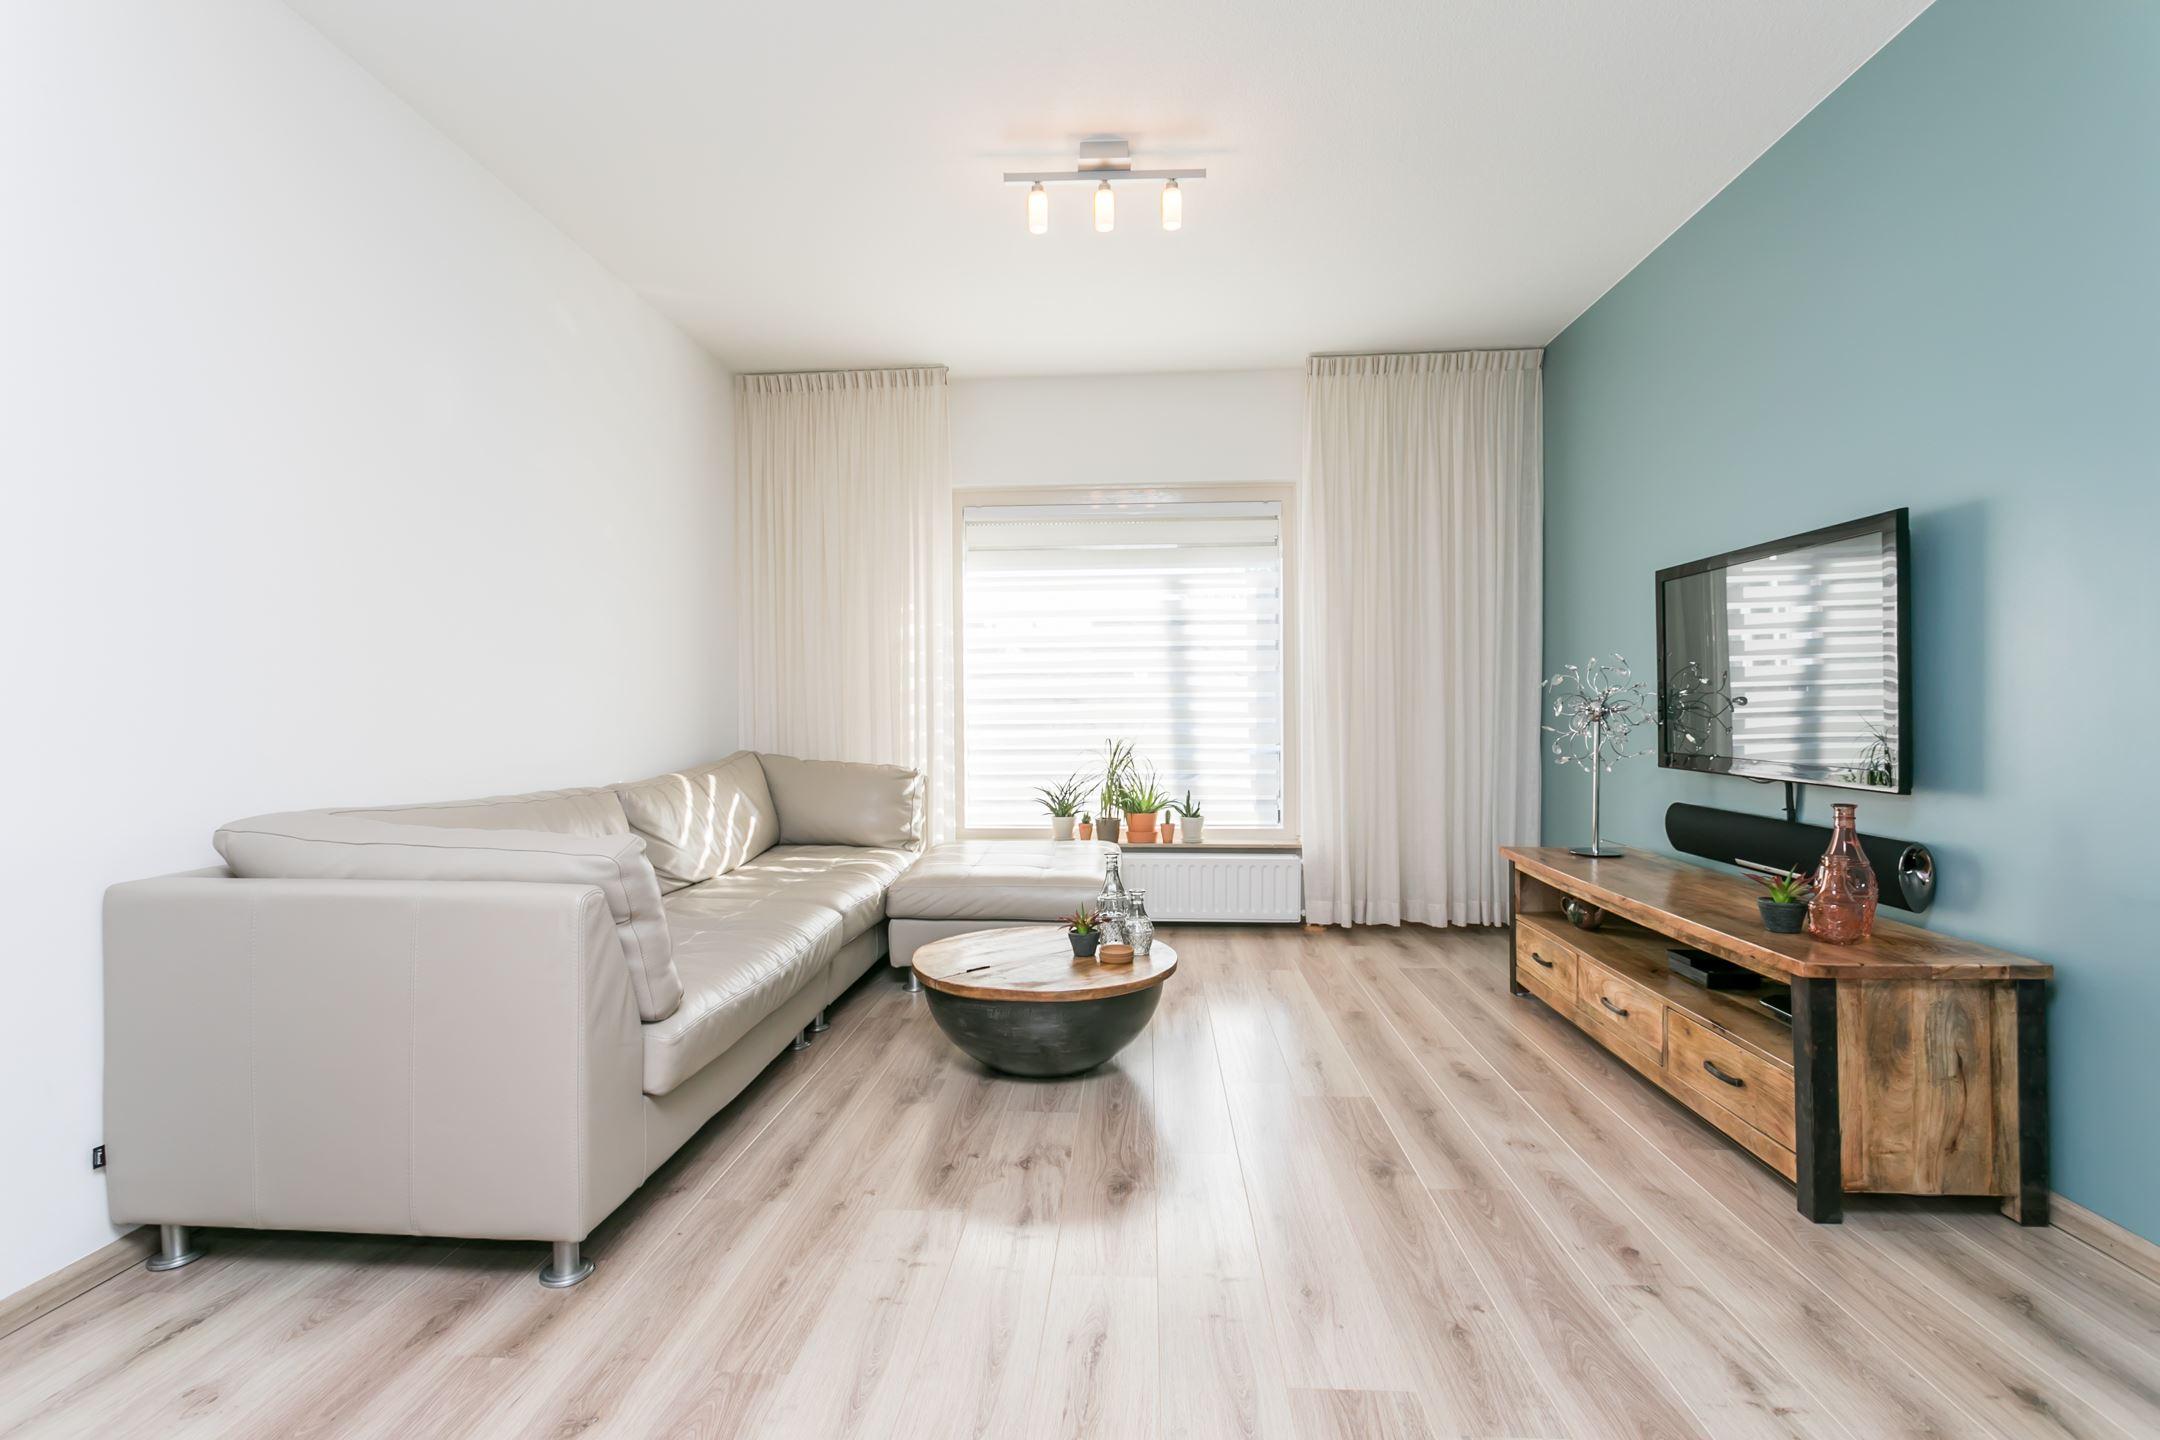 Lange Woonkamer Inrichten : Interieur lange woonkamer zw studio jeroen van zwetselaar the